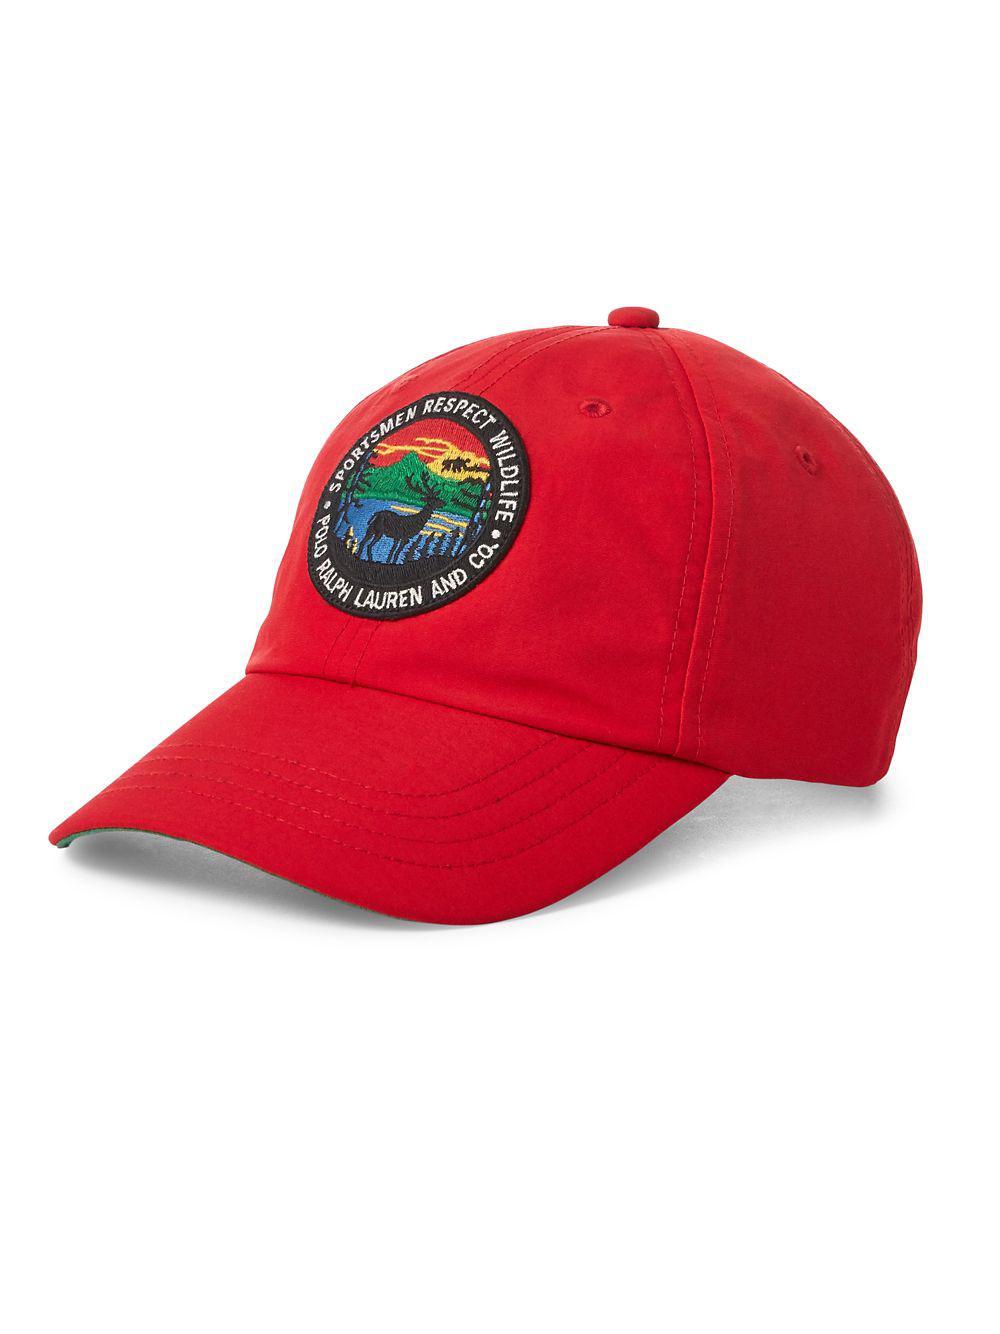 Polo Ralph Lauren Sportsman s Baseball Cap in Red for Men - Lyst c586acb5996e